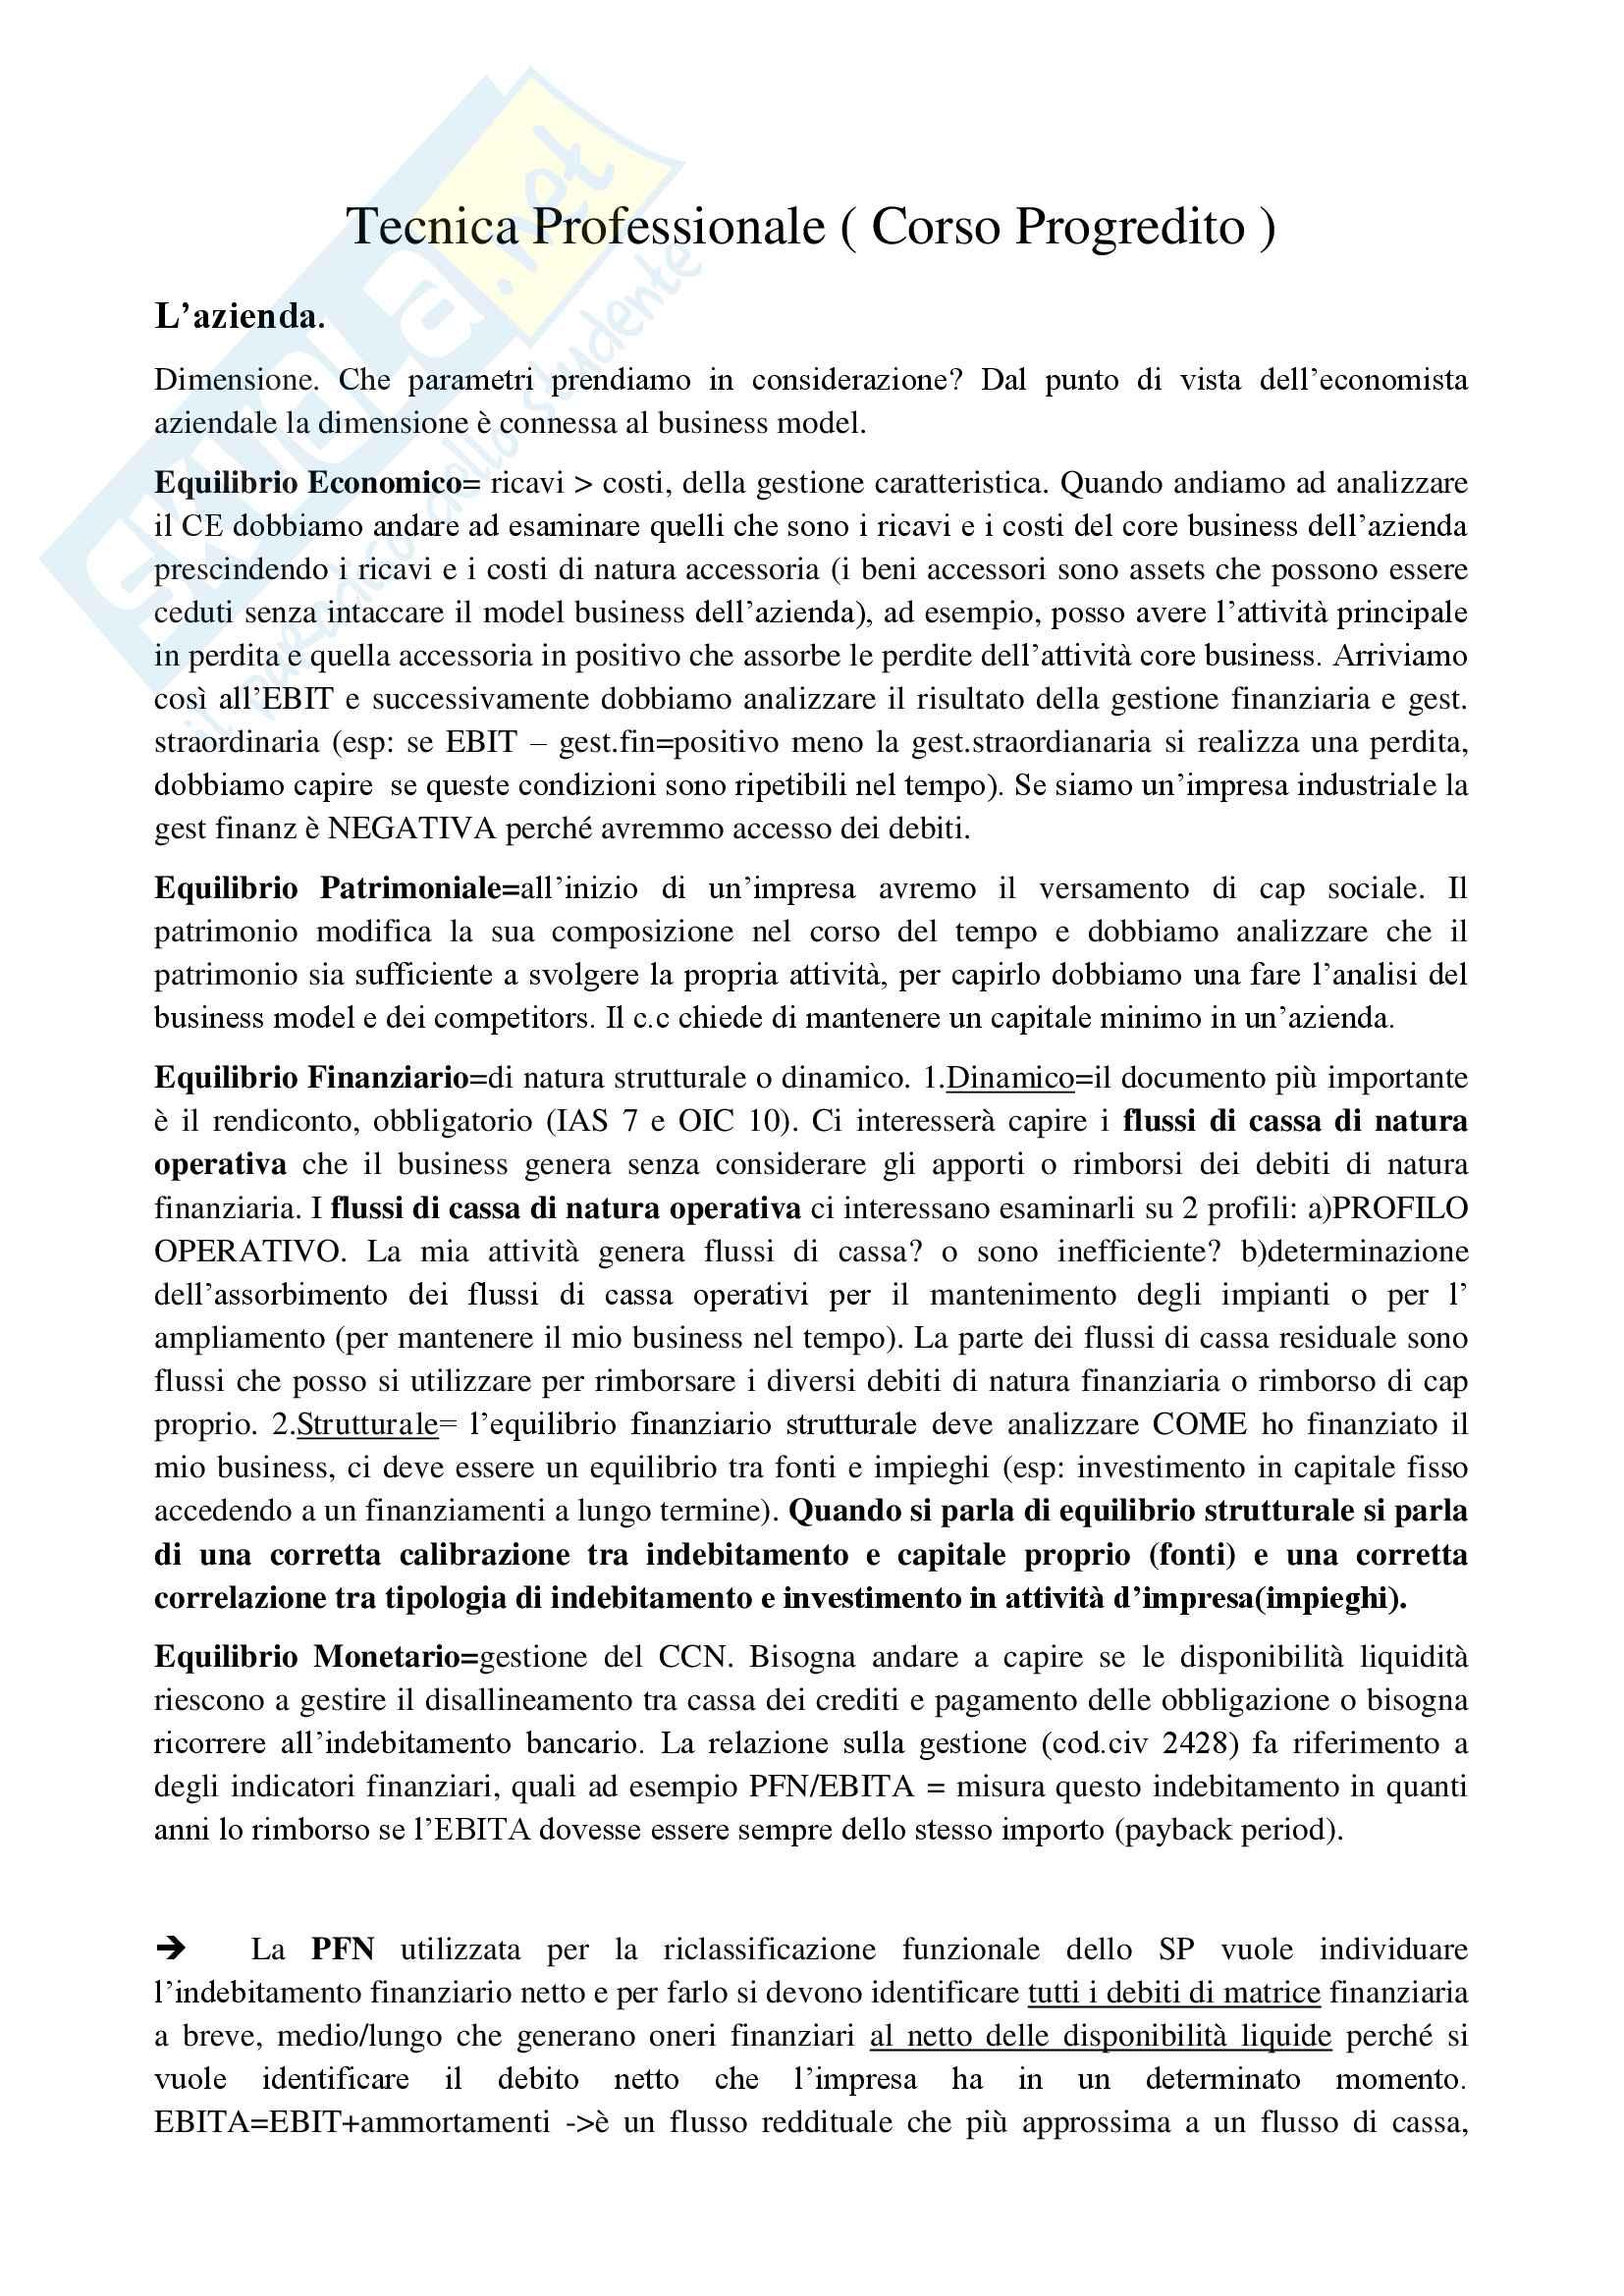 Tecnica Professionale Corso Progredito + (sintesi codice autodisciplina) parte 1°